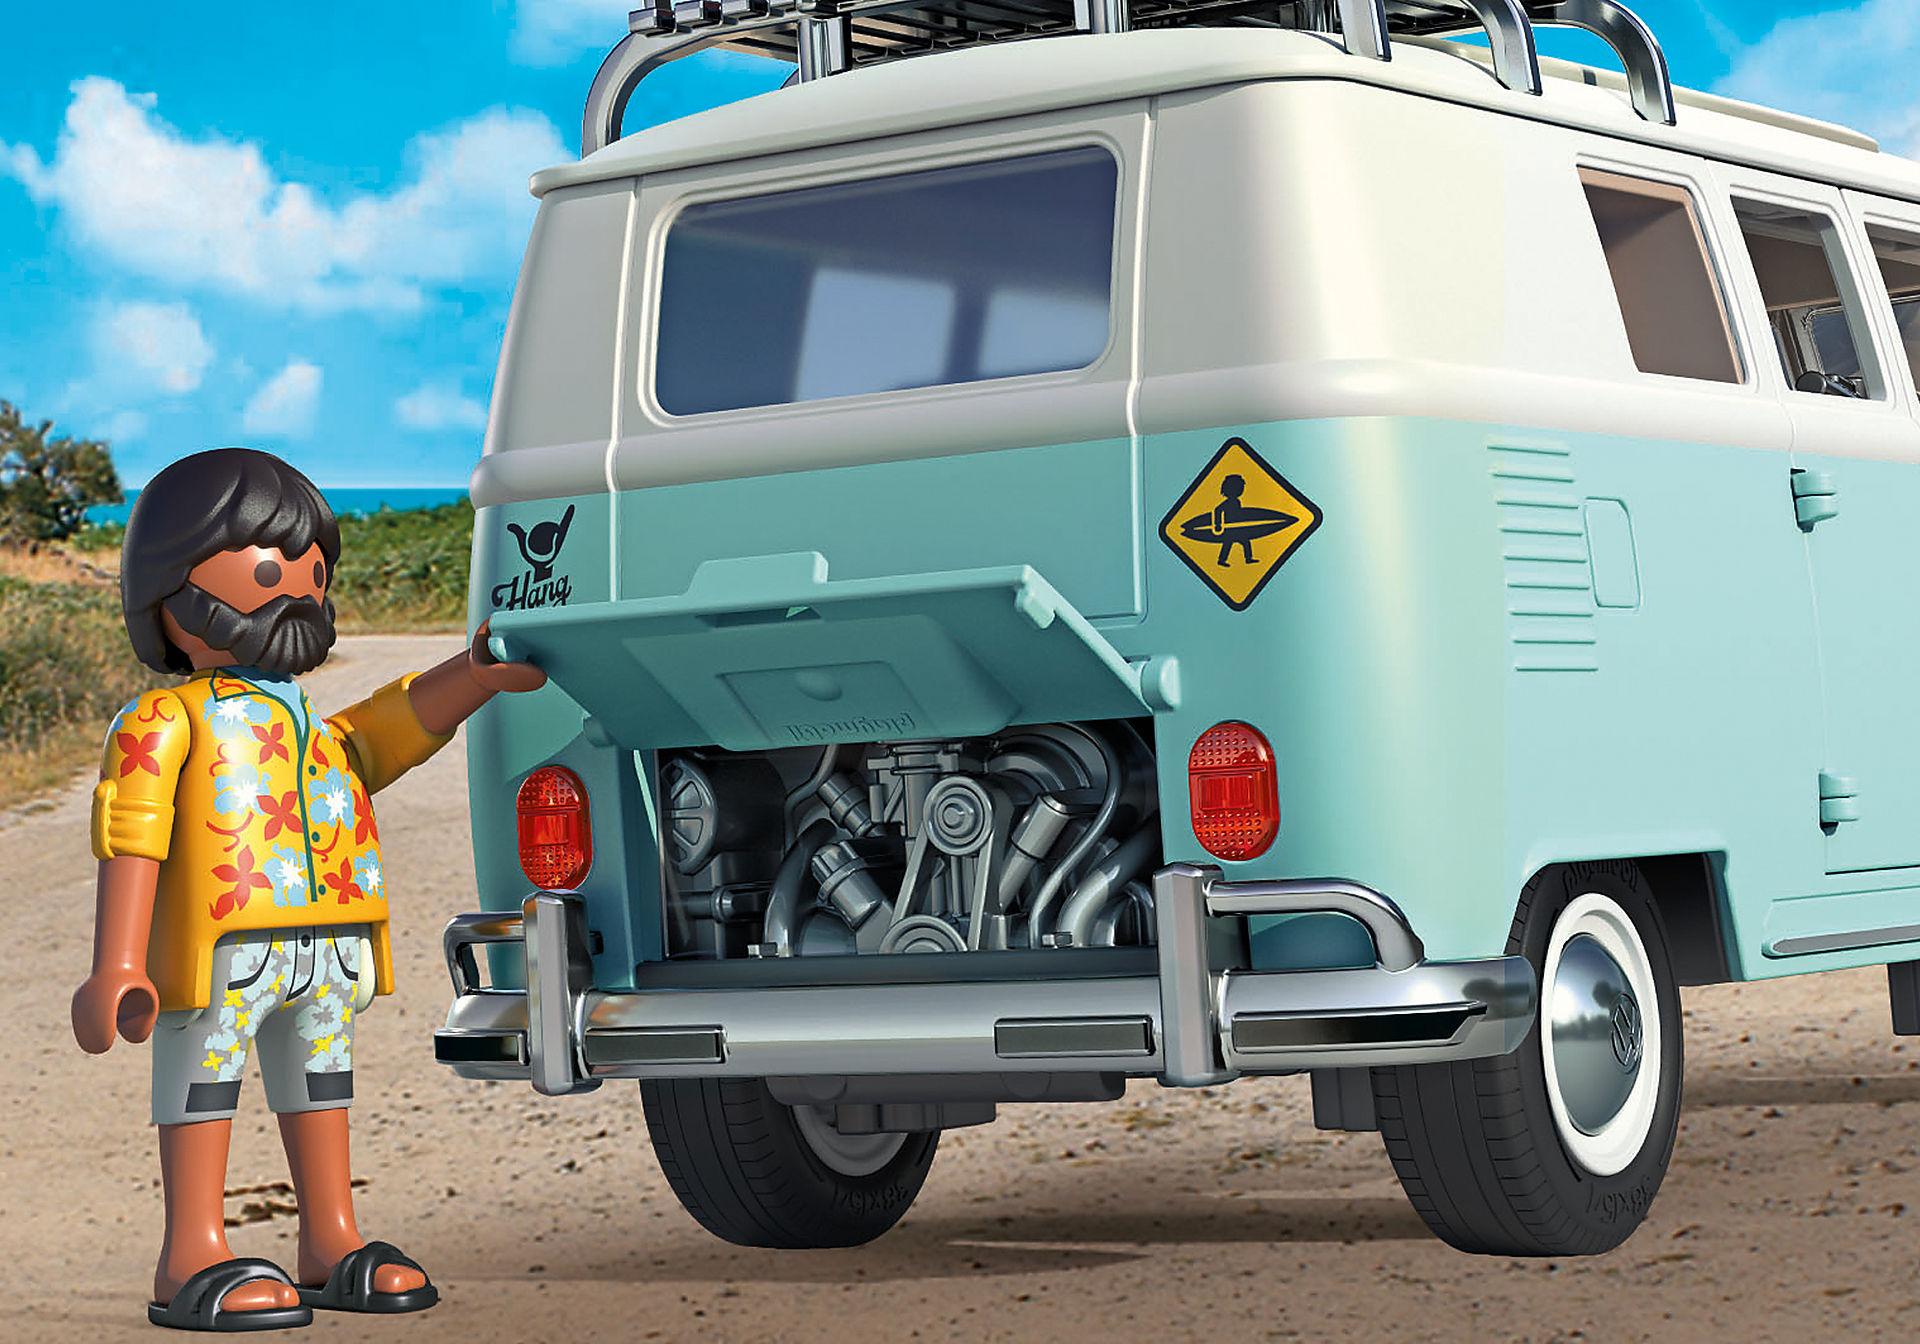 70826 Volkswagen T1 Combi - Edition spéciale zoom image9